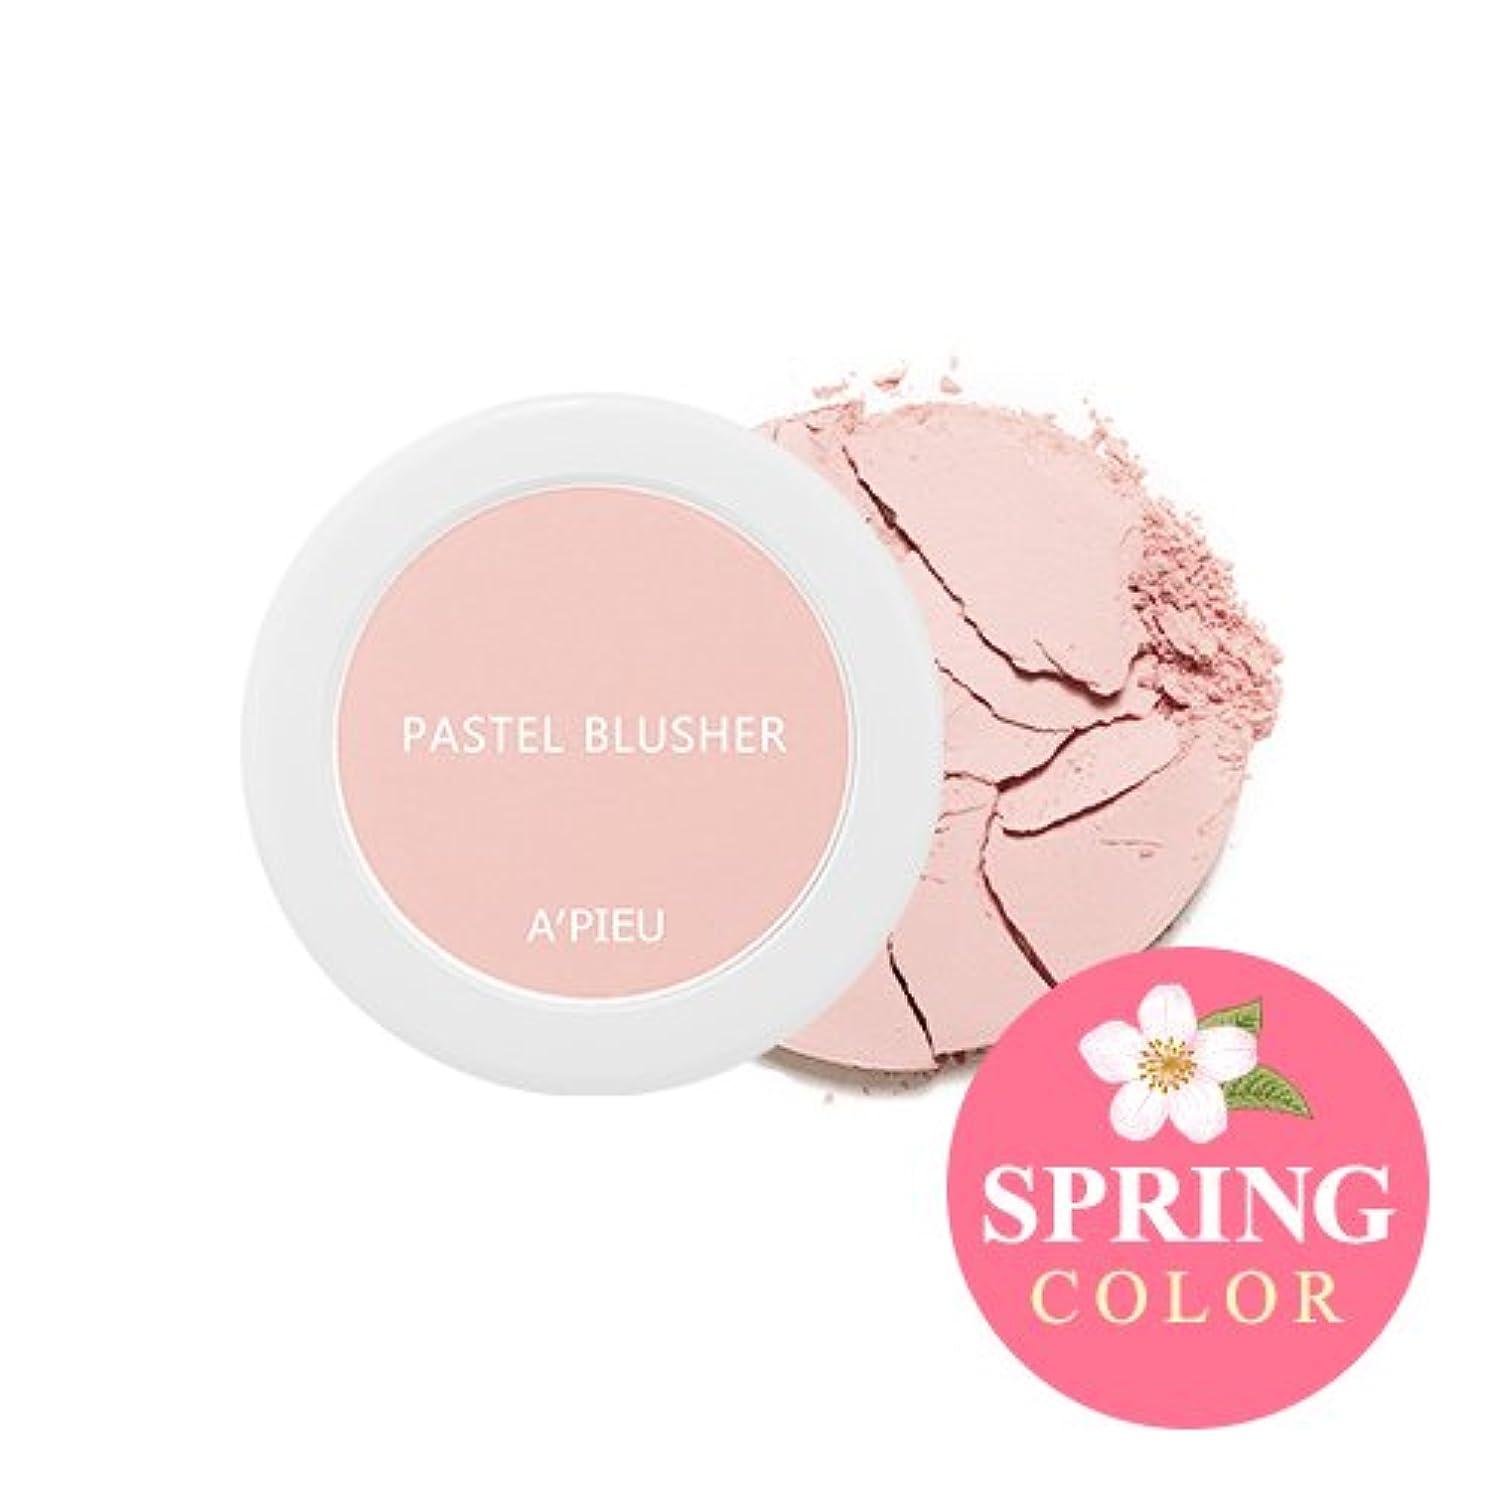 経験者たっぷり意識的A'PIEU Pastel Blusher #PK07 [アピュ/オピュ]パステル ブラッシャー #PK07 [並行輸入品]